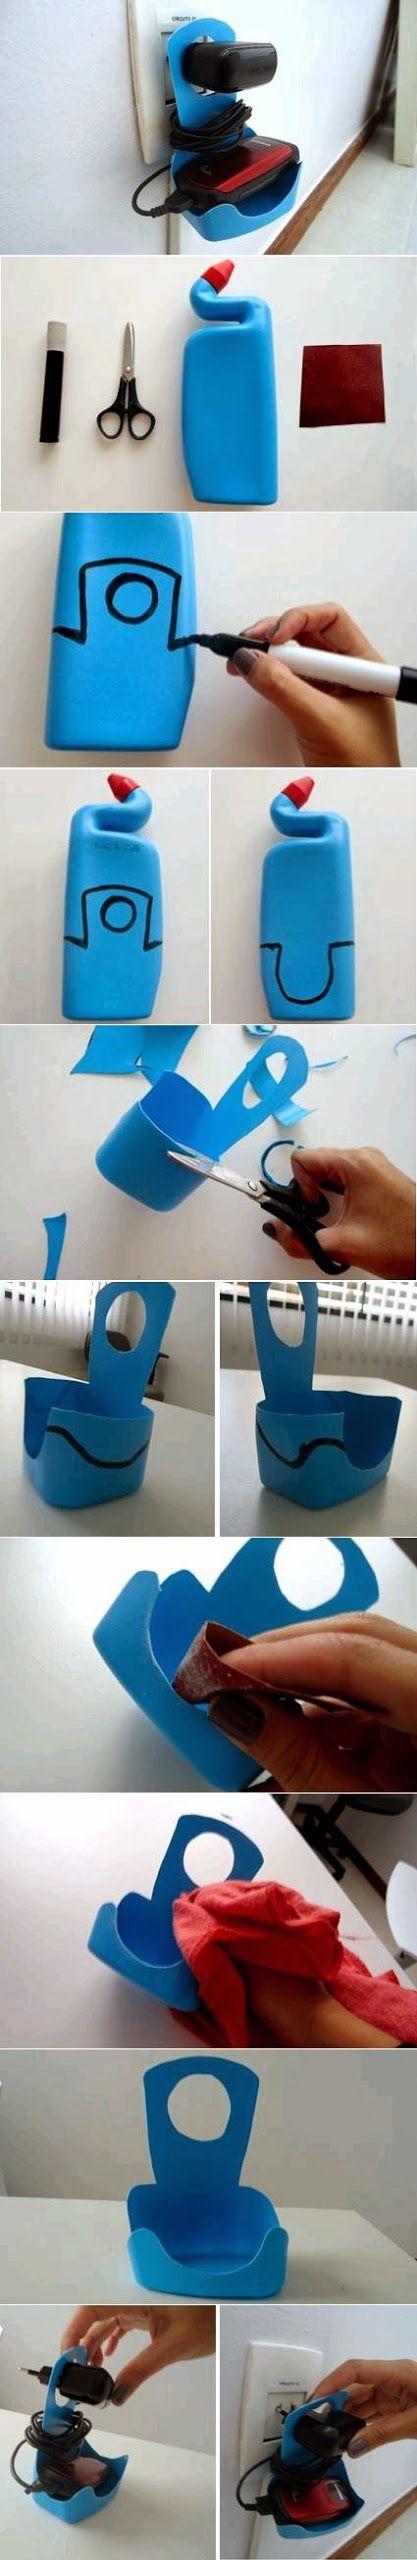 Plastic Bottle Mobile Phone Charger Holder   DIY & Crafts Tutorials